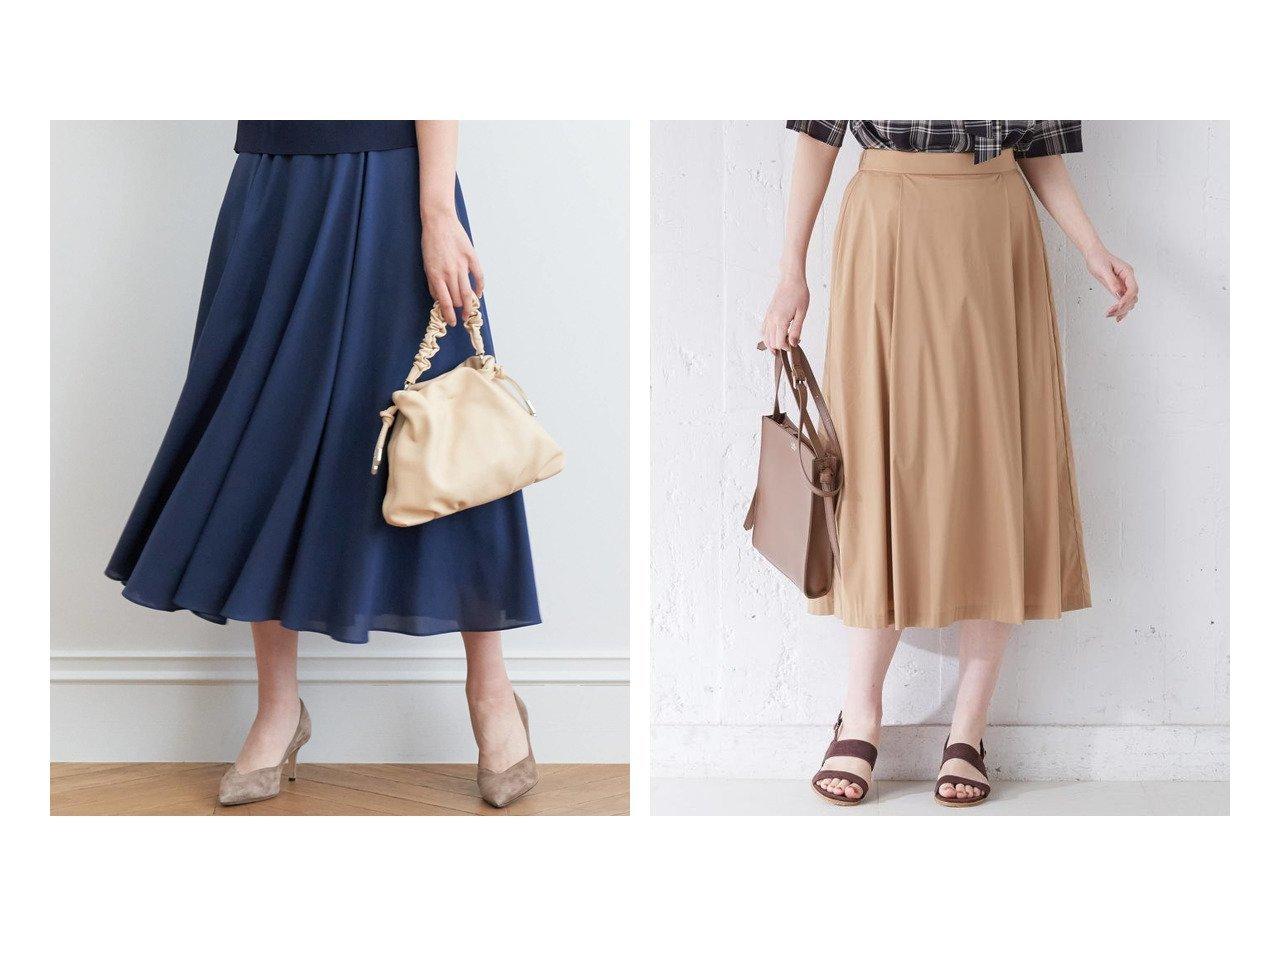 【J.PRESS/ジェイ プレス】の【洗える】コットンナイロンシルキーローン スカート&【ANAYI/アナイ】のマットジョーゼットフレアスカート 【スカート】おすすめ!人気、トレンド・レディースファッションの通販 おすすめで人気の流行・トレンド、ファッションの通販商品 メンズファッション・キッズファッション・インテリア・家具・レディースファッション・服の通販 founy(ファニー) https://founy.com/ ファッション Fashion レディースファッション WOMEN スカート Skirt Aライン/フレアスカート Flared A-Line Skirts おすすめ Recommend エアリー ギャザー シンプル ジャケット ジョーゼット フレア プレーン ランダム ワンポイント 再入荷 Restock/Back in Stock/Re Arrival 洗える 軽量 ストレッチ ドレープ 定番 Standard 人気 ワイド |ID:crp329100000031422